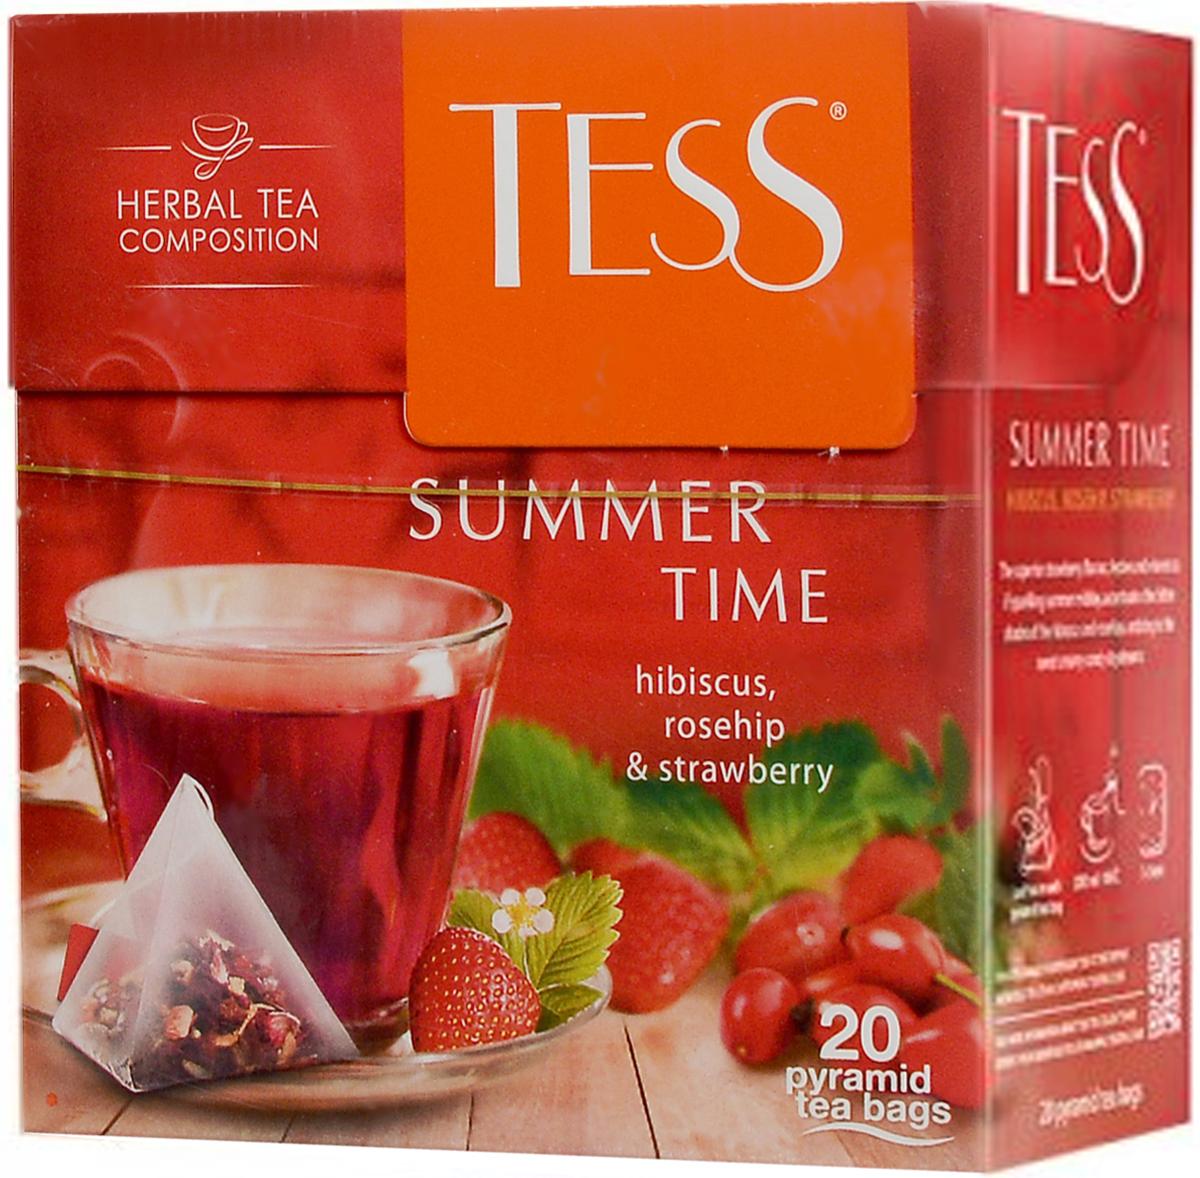 Tess Summer Time травяной чай с гибискусом, шиповником и клубникой в пирамидках, 20 шт майский корона российской империи черный чай в пирамидках 20 шт